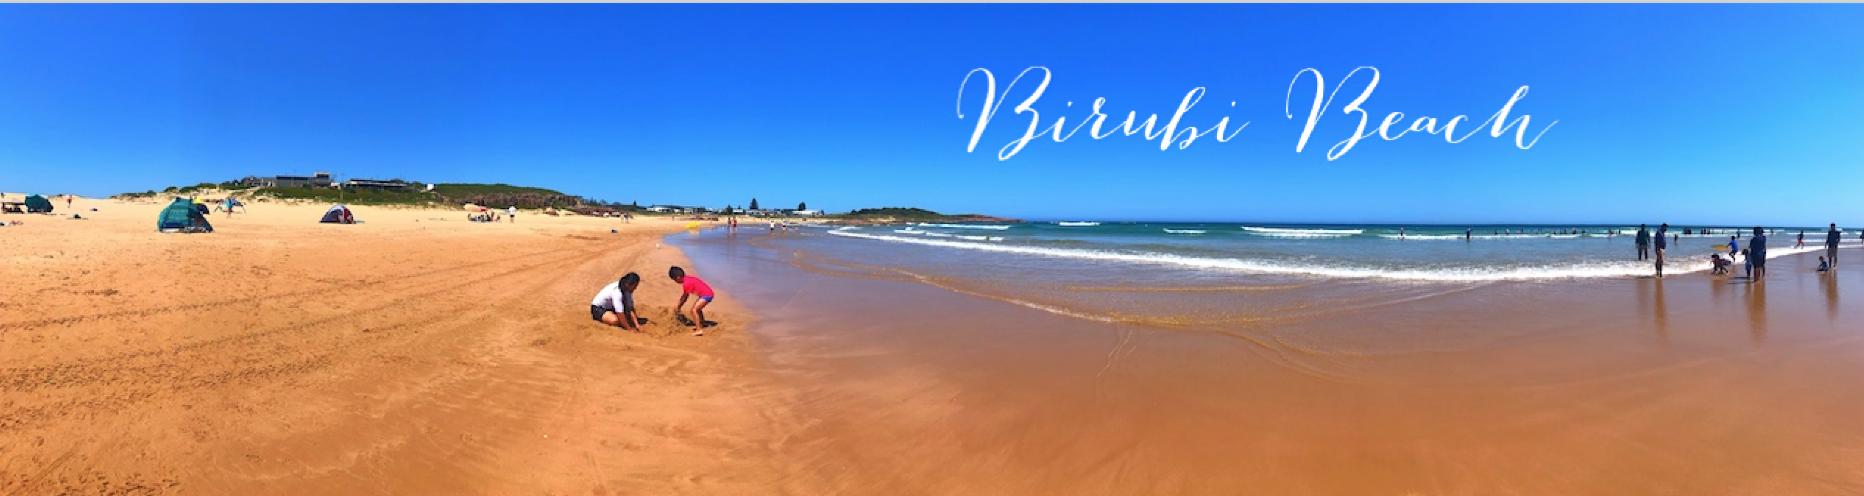 Birubi Beach NSW